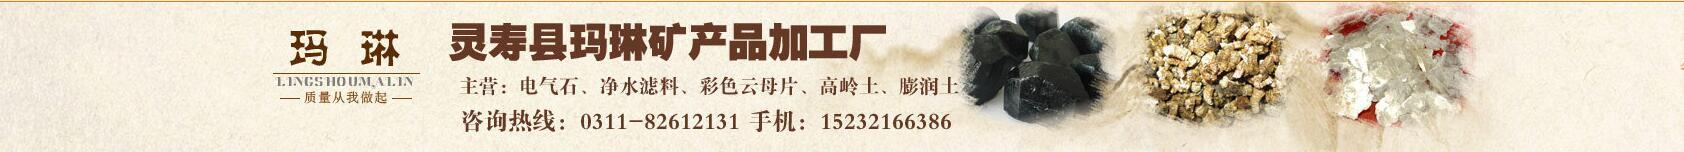 靈壽縣瑪琳礦產品加工廠